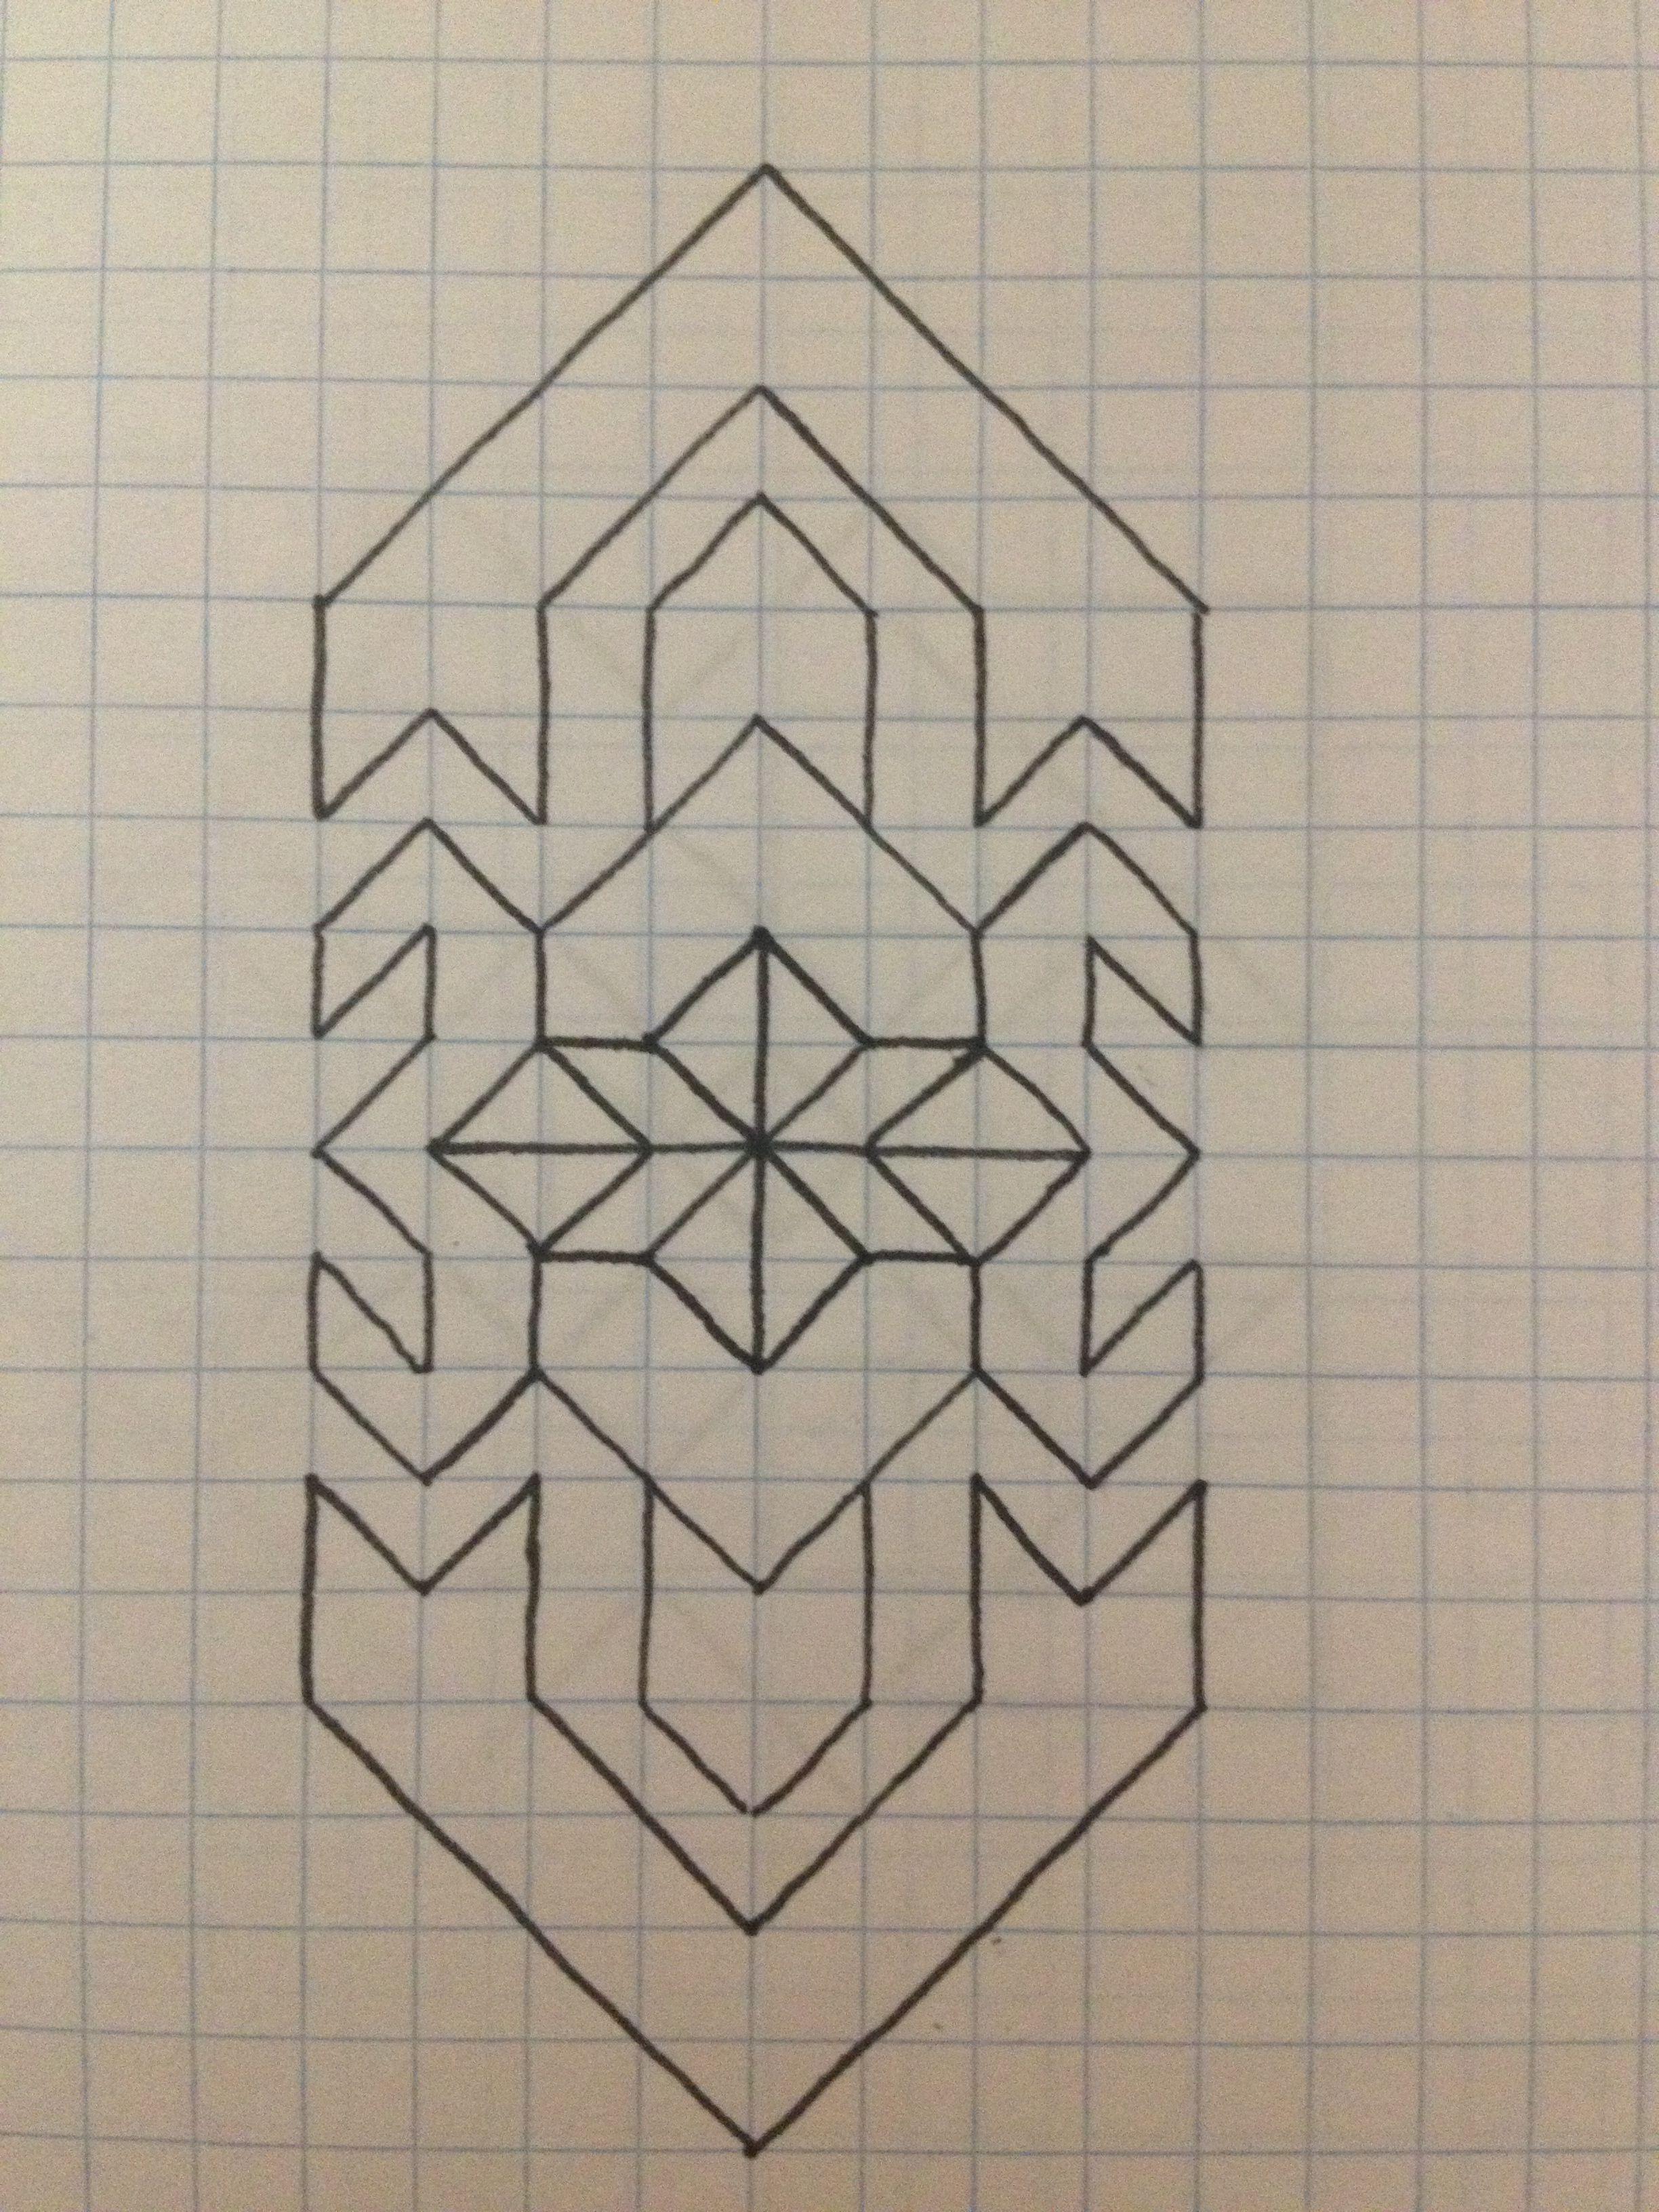 A Design I Made